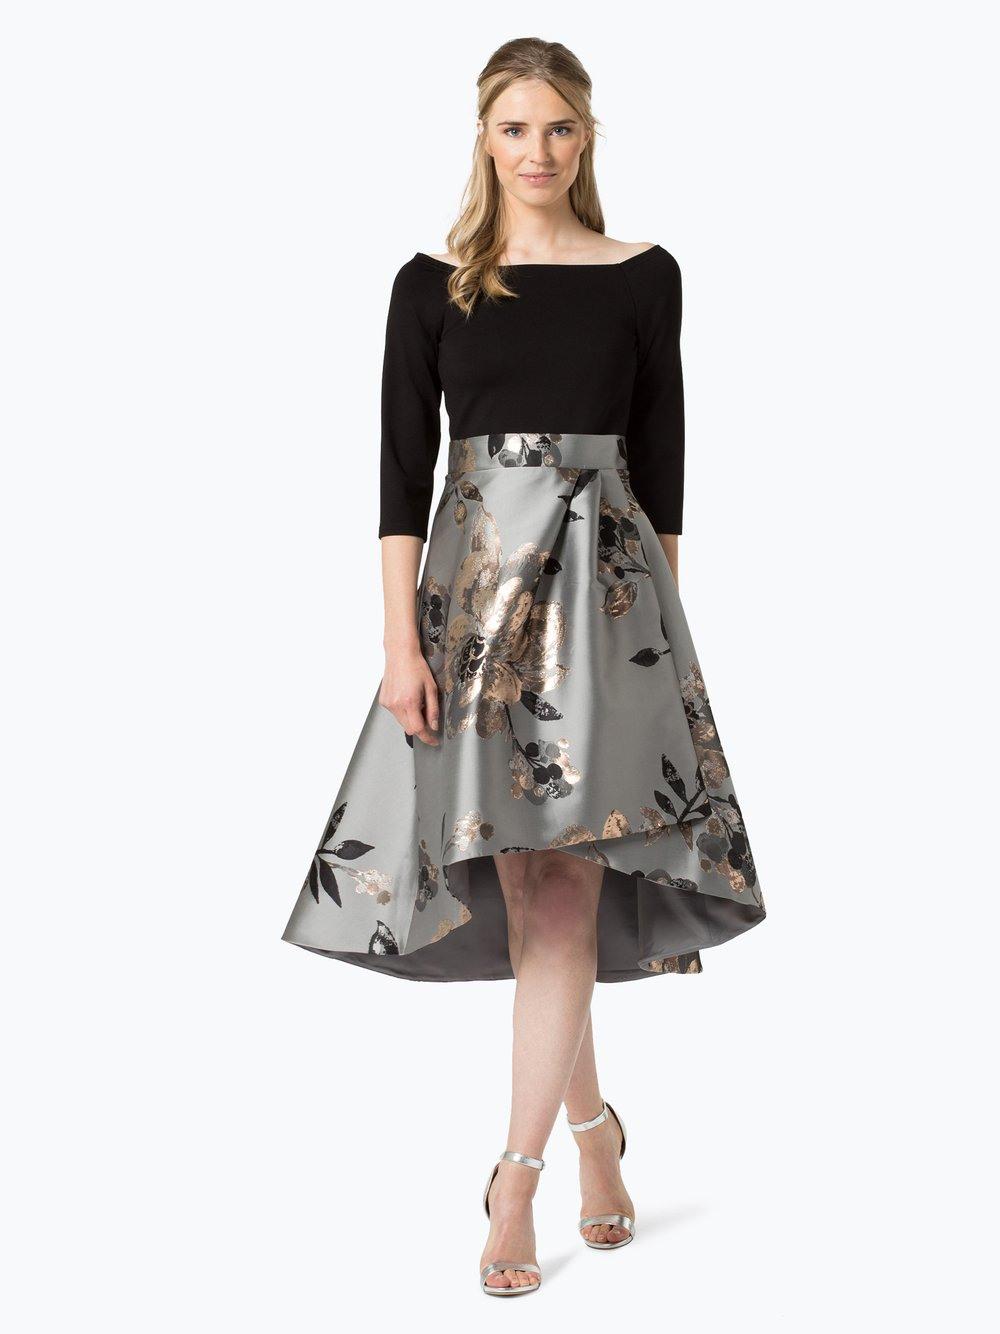 Schön Abendkleider Coast BoutiqueDesigner Ausgezeichnet Abendkleider Coast Spezialgebiet